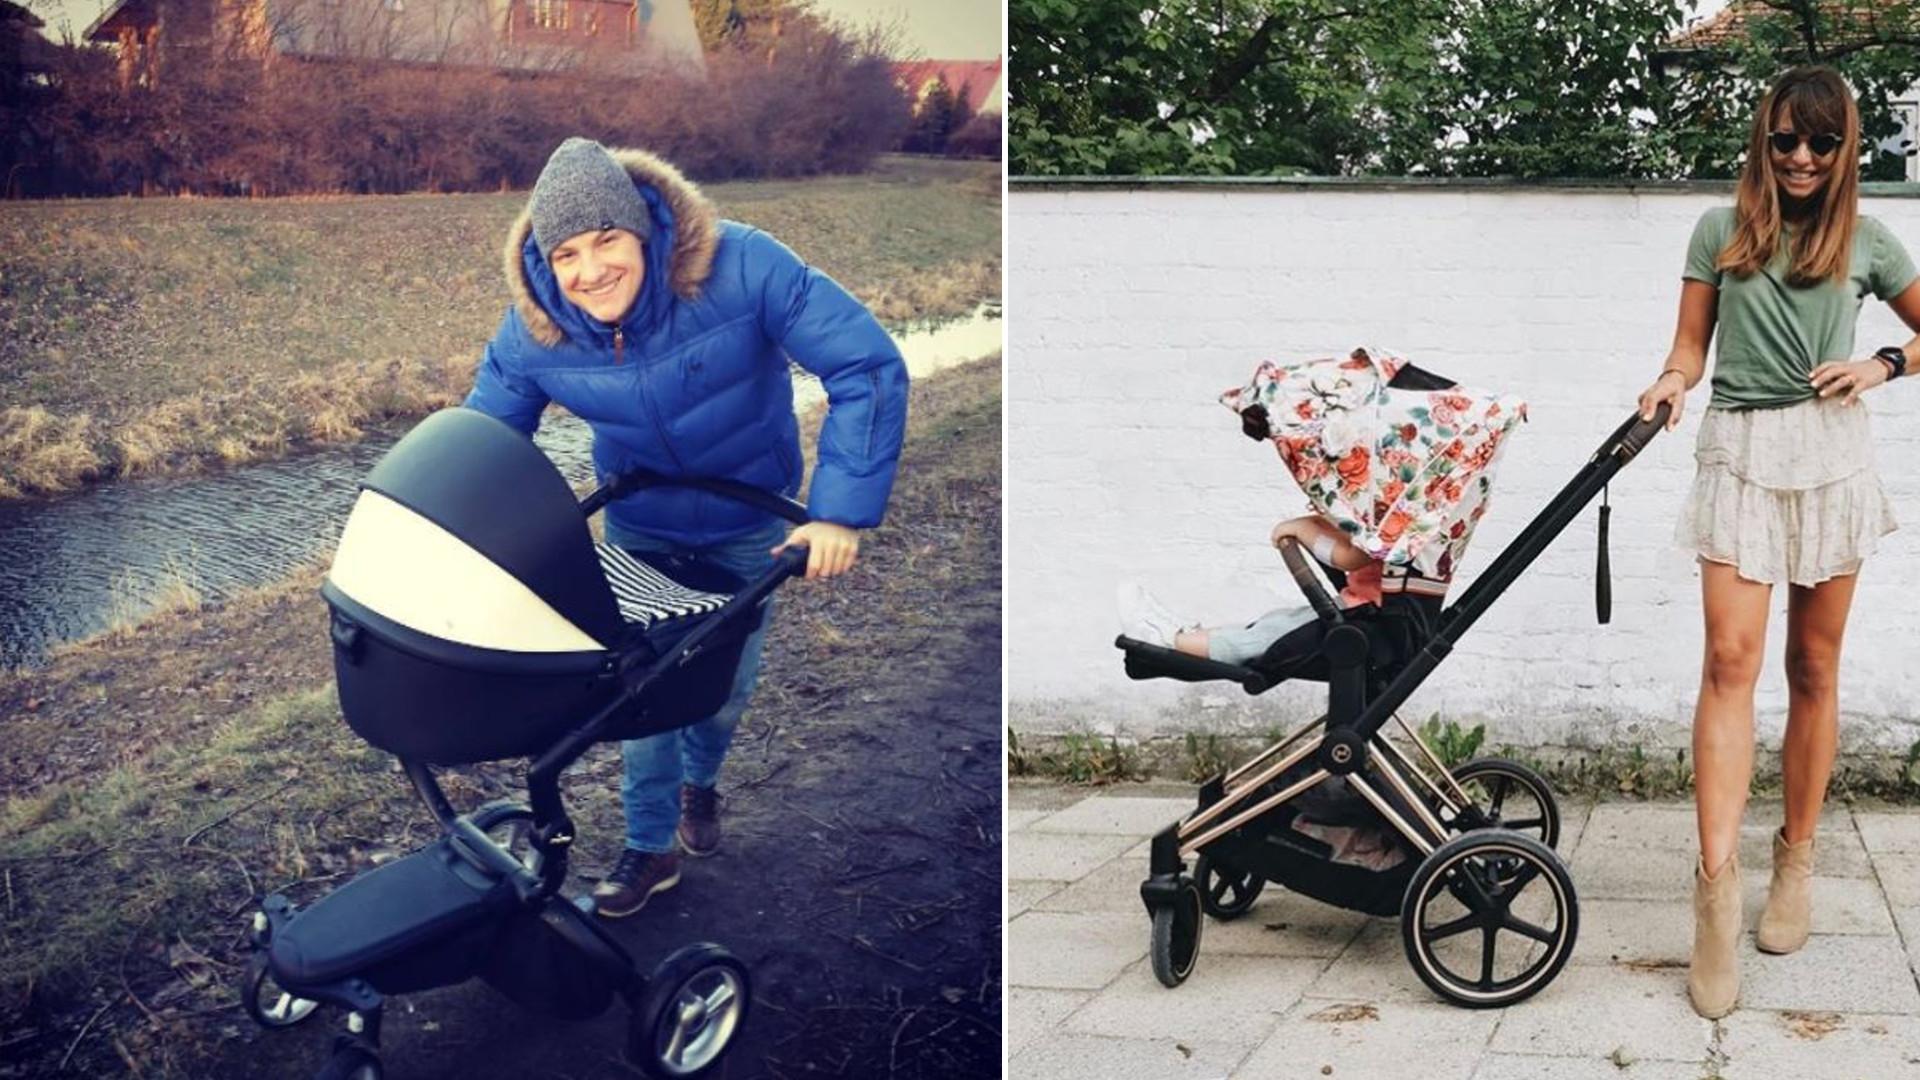 Najbardziej EKSKLUZYWNE wózki dzieci celebrytów! Niektóre modele kosztują tyle, co mały samochód